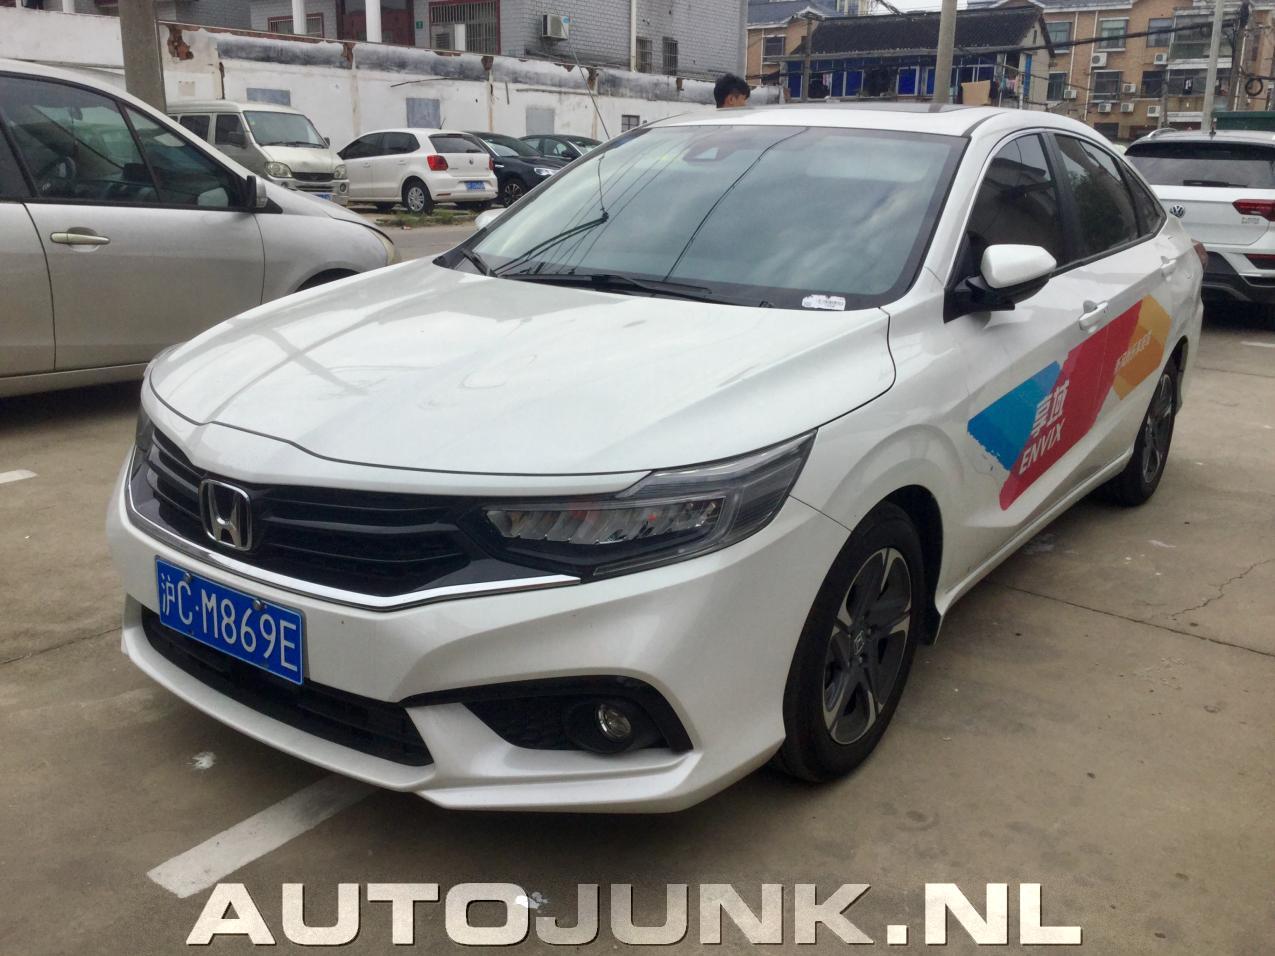 Honda Envix foto's » Autojunk.nl (246370)